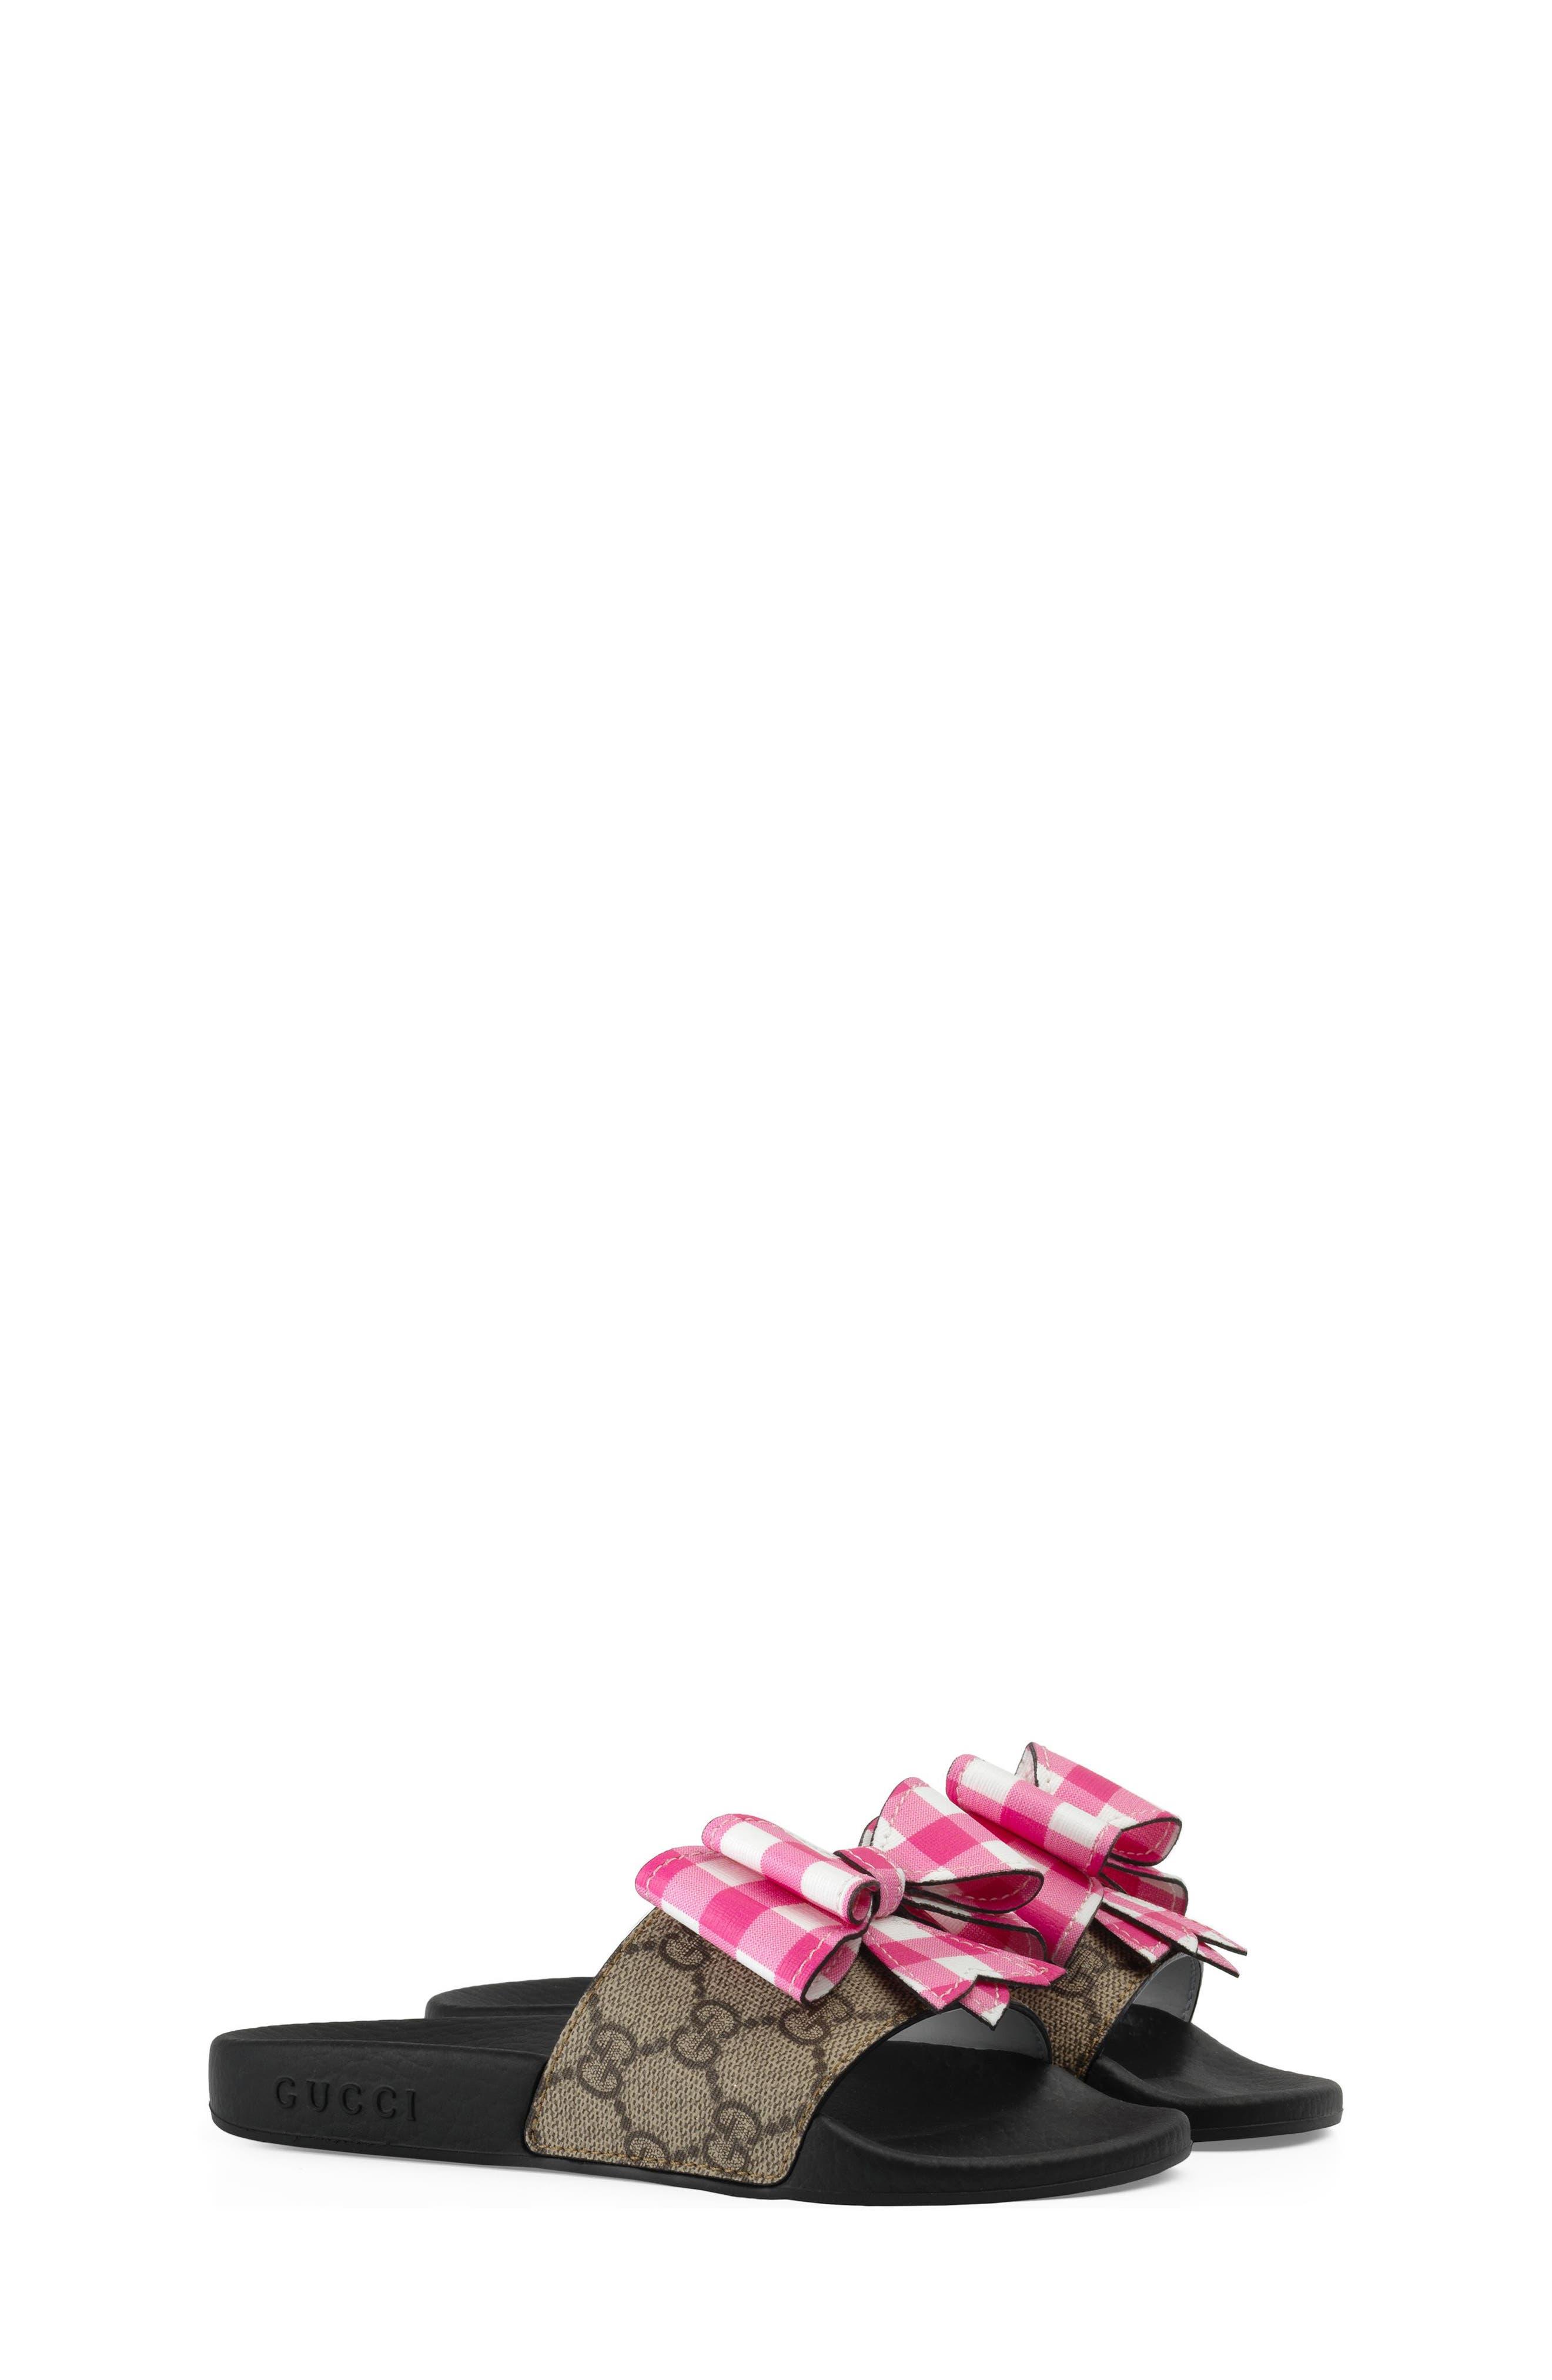 Pursuit Bow Slide,                             Main thumbnail 1, color,                             Beige/ Pink